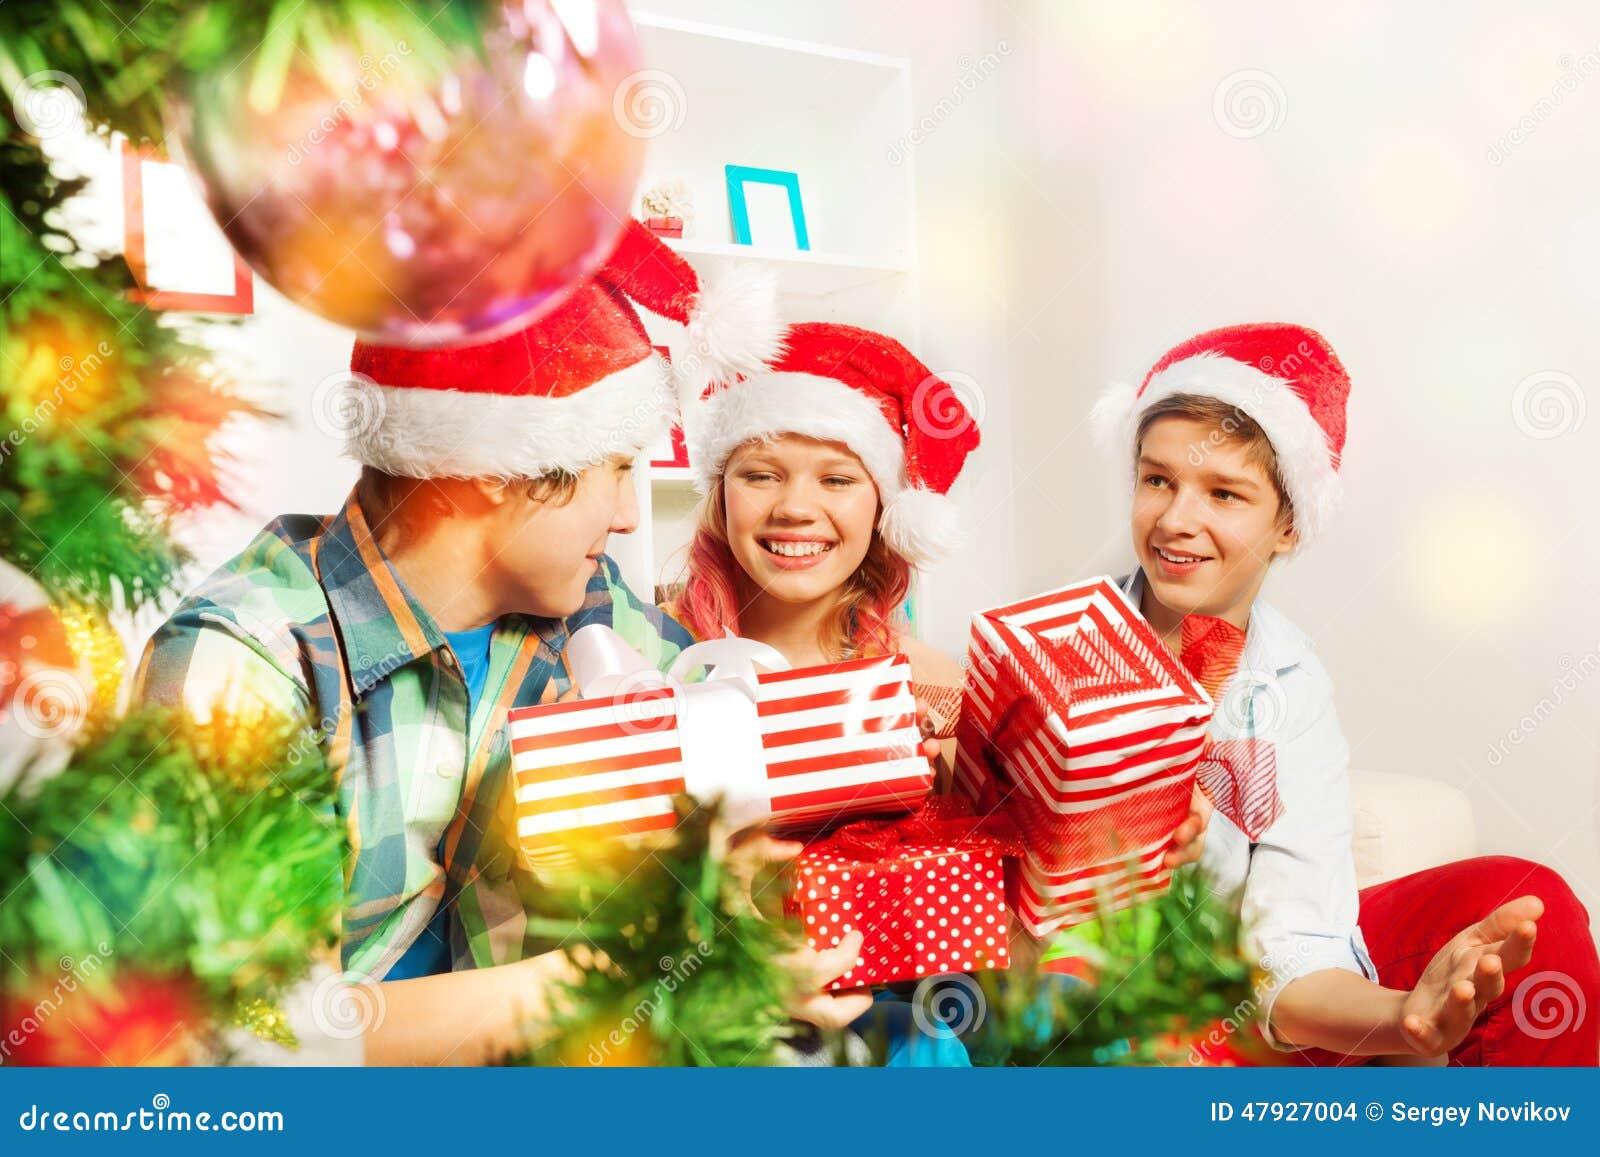 Nette Jugendlich Kinder, Die Weihnachtsgeschenke Halten Stockfoto ...